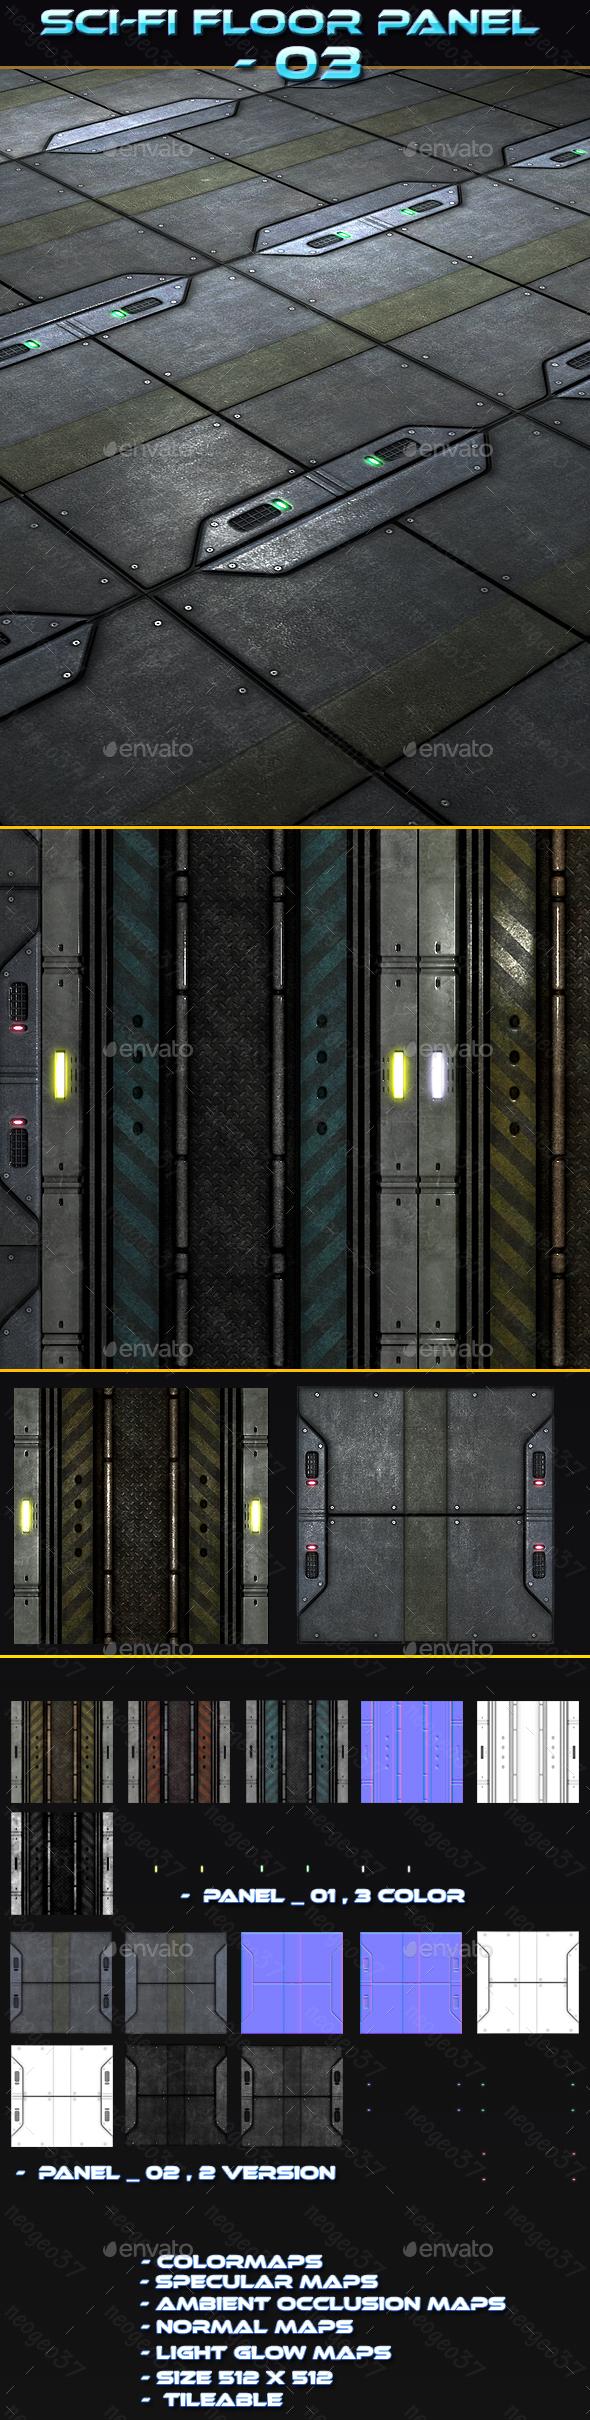 Render CG Textures from 3DOcean